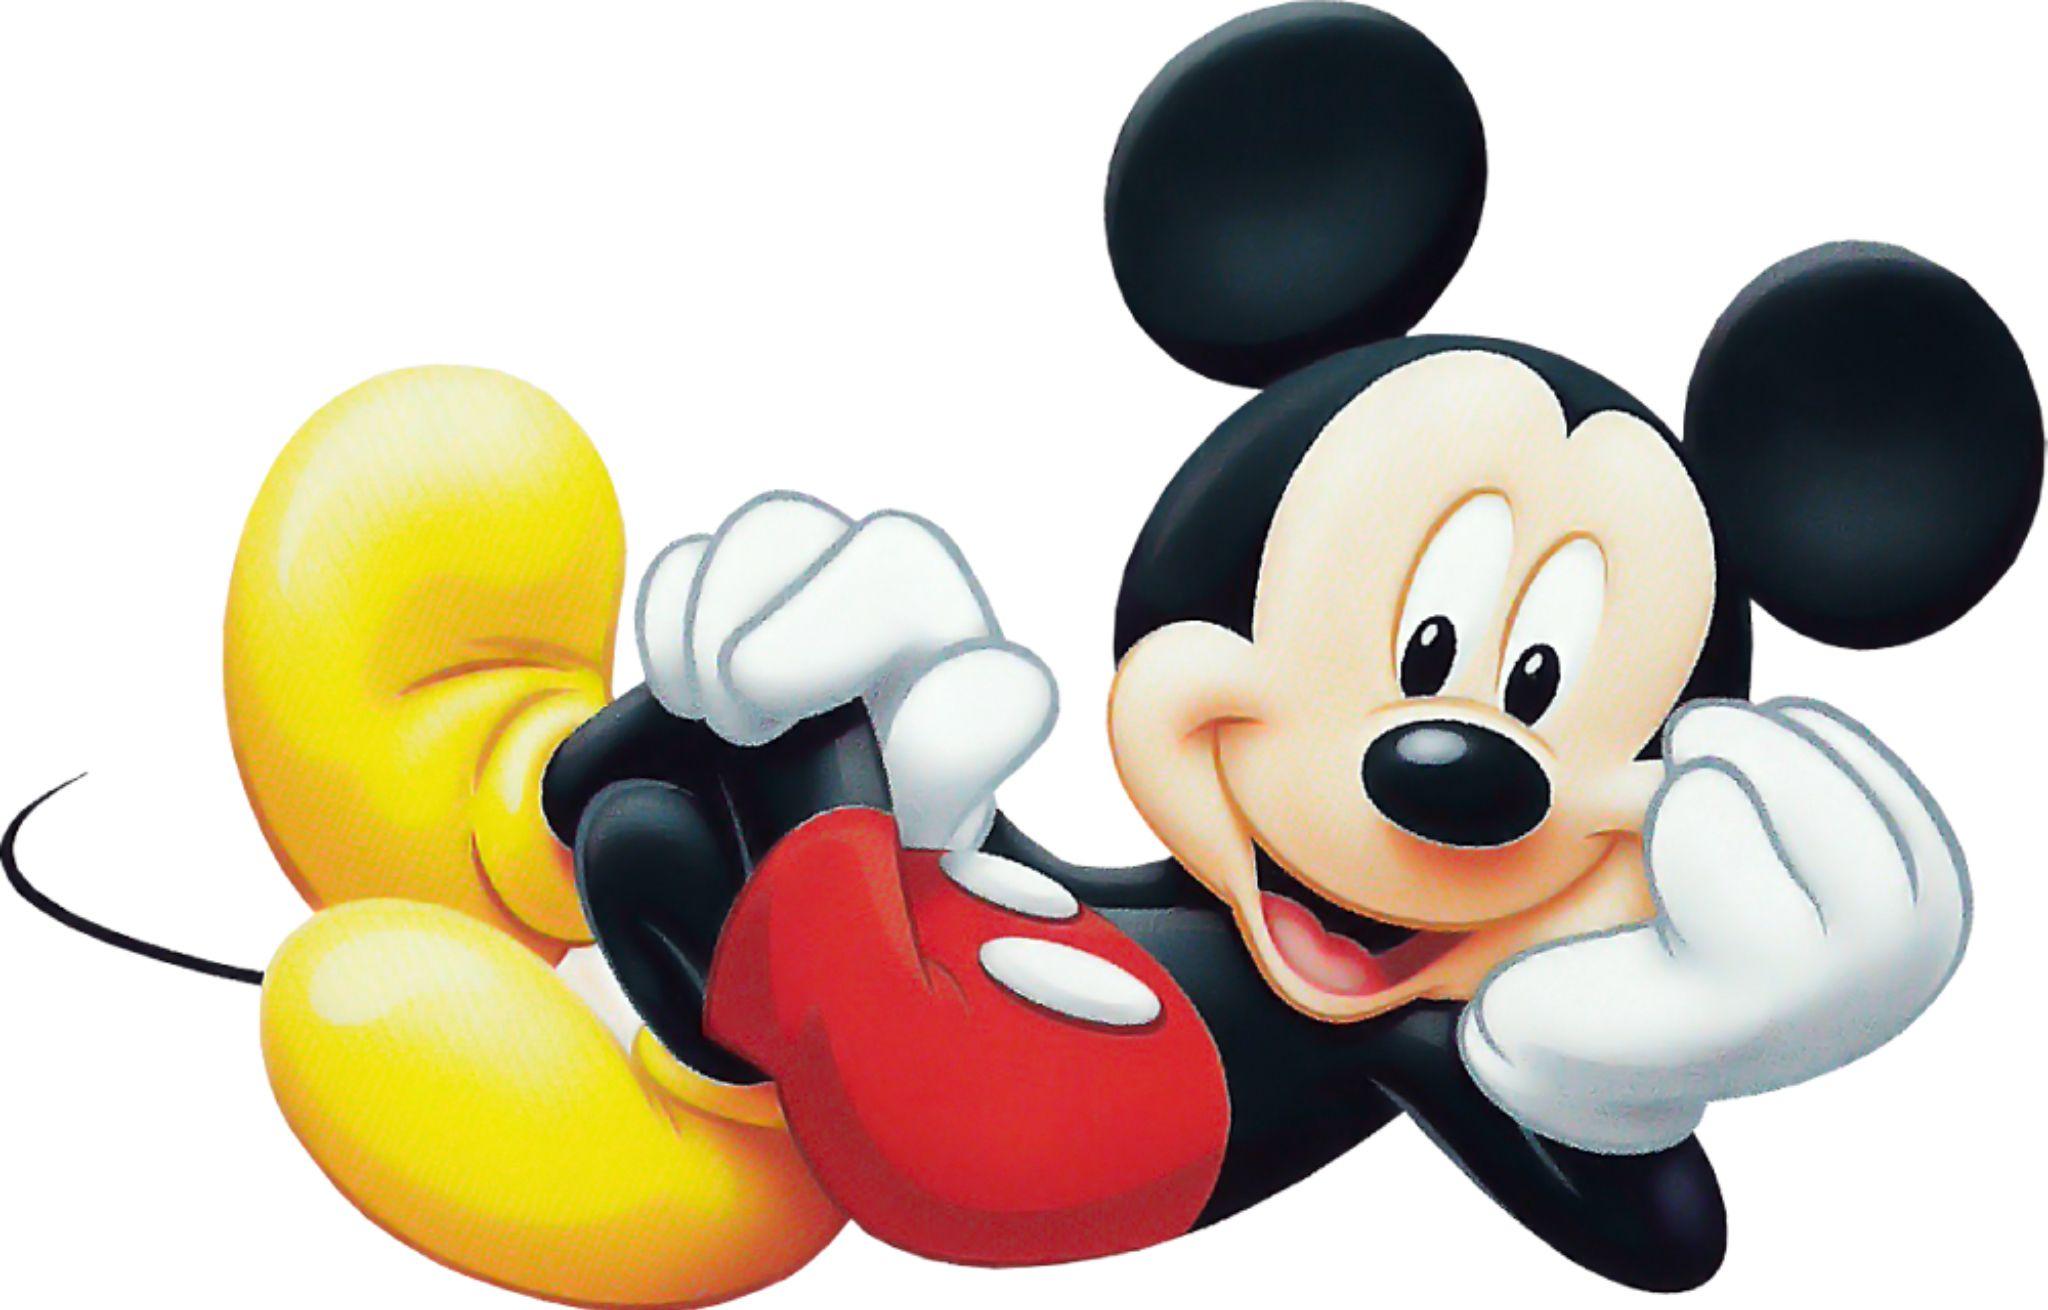 Pin by Shiela Eaton on Mickey.